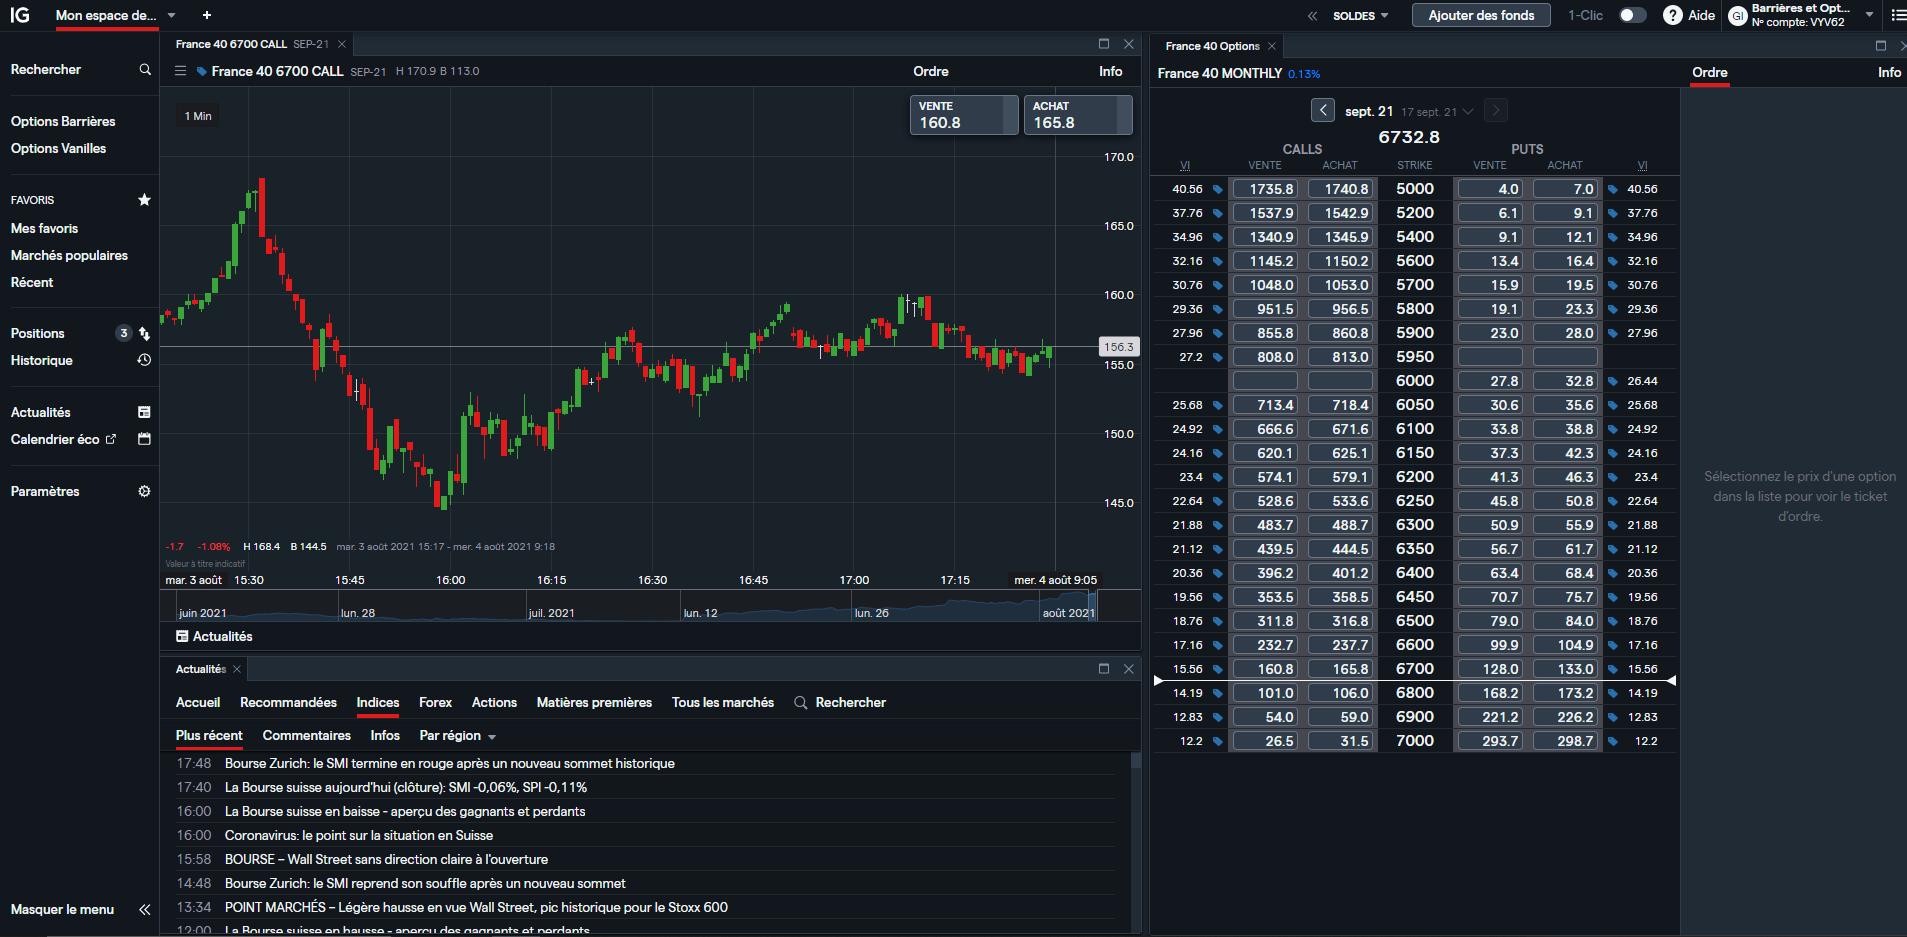 L'interface de la plateforme d'options du courtier IG